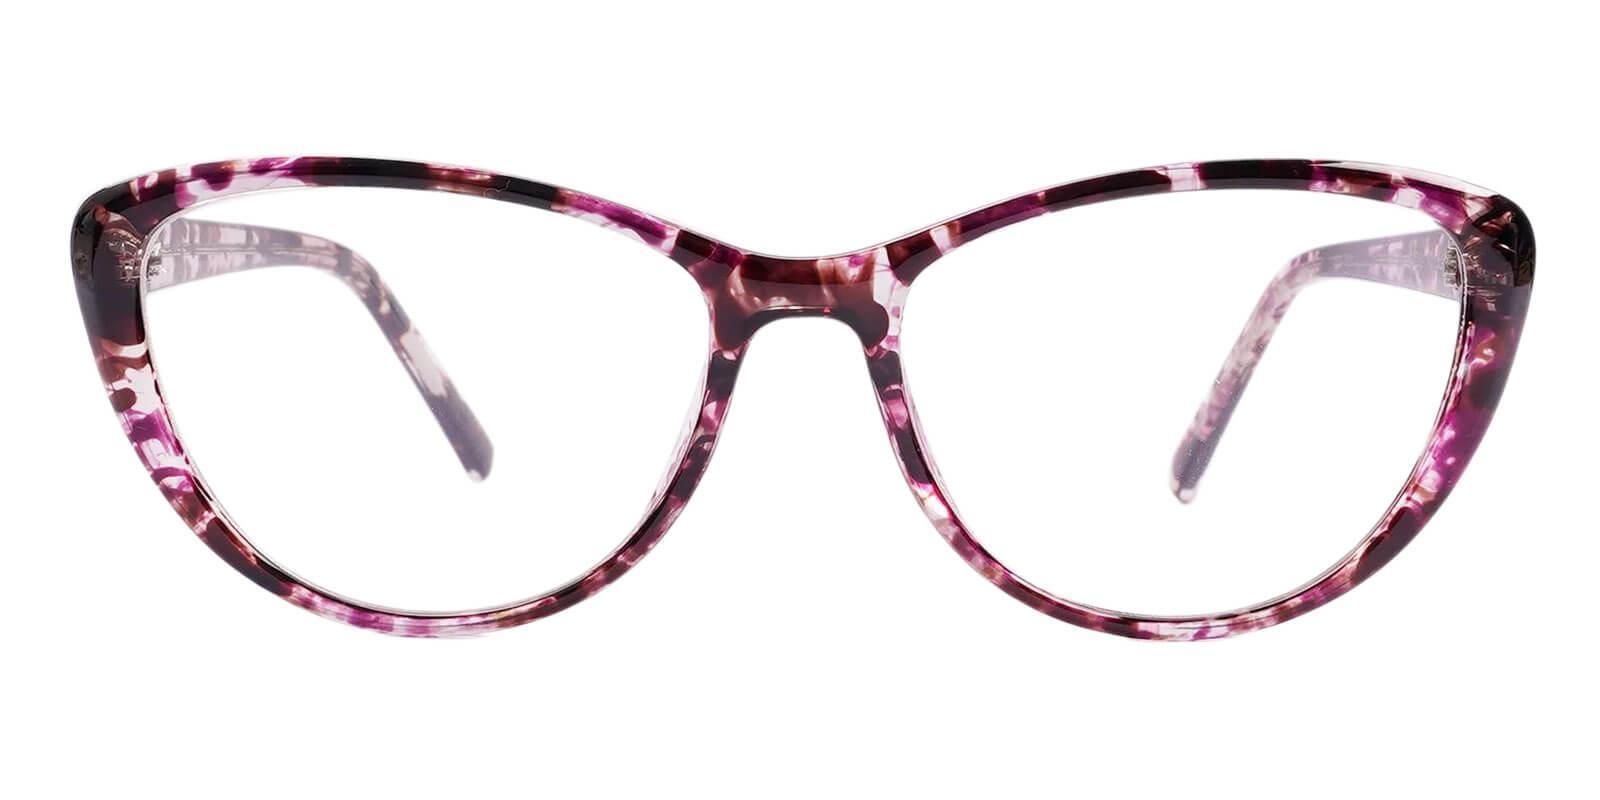 Slackey-Purple-Oval / Cat-Acetate-Eyeglasses-additional2